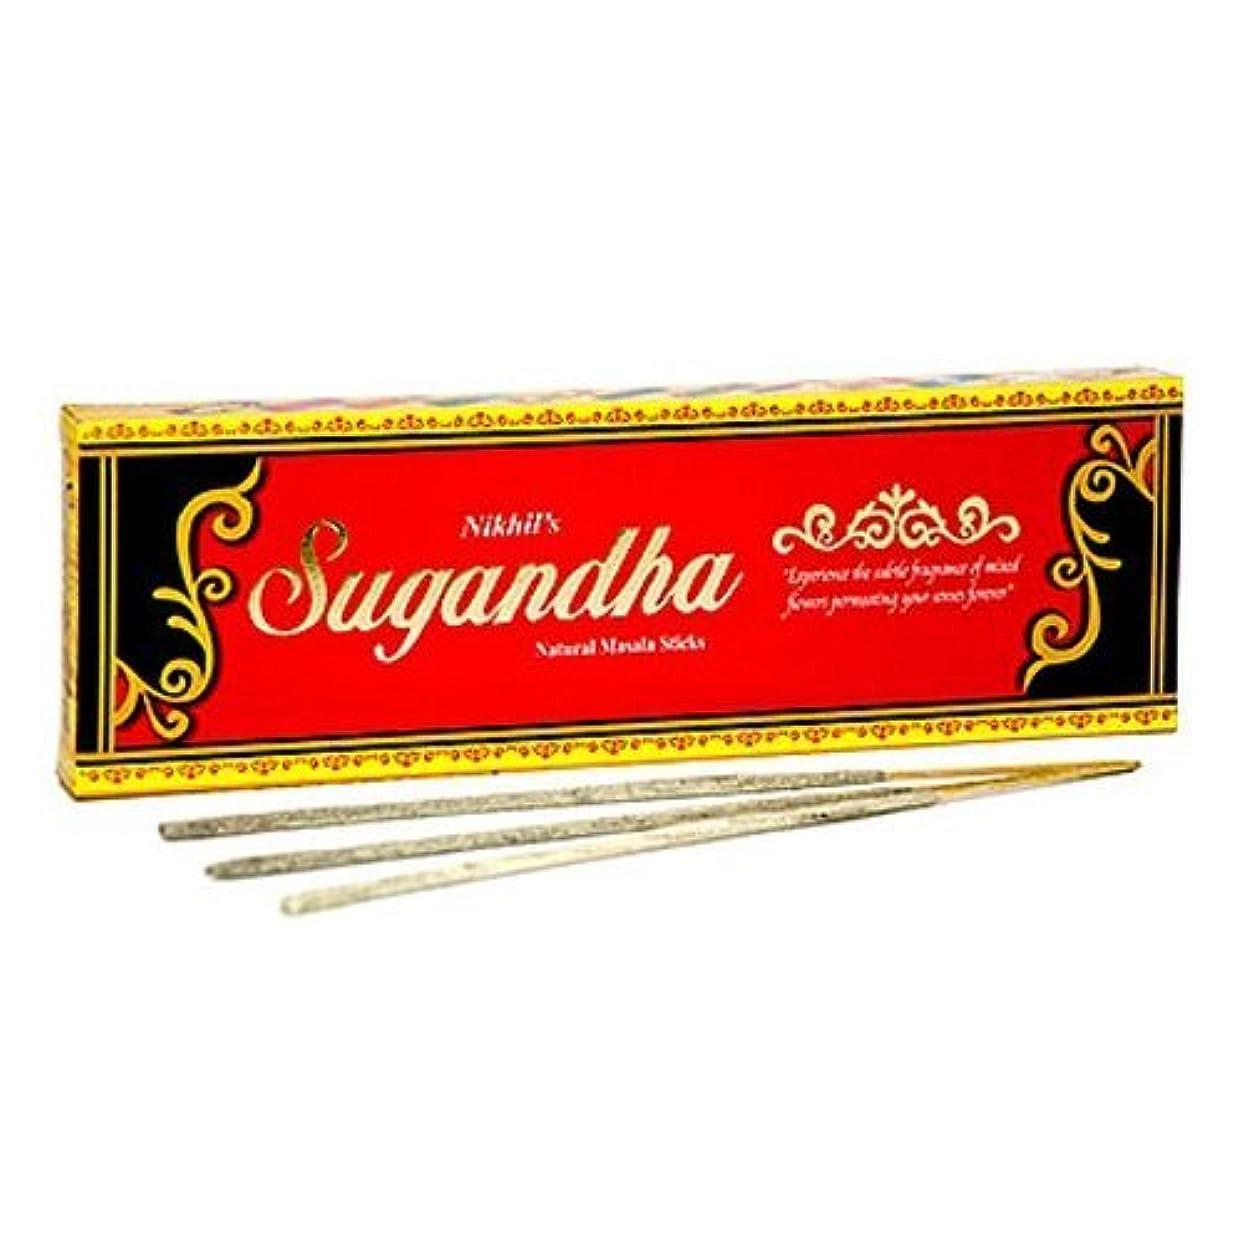 シビック怖がって死ぬ薬Nikhil Sugandha Natural Incense - 2 Packs, 50 Grammes per Pack